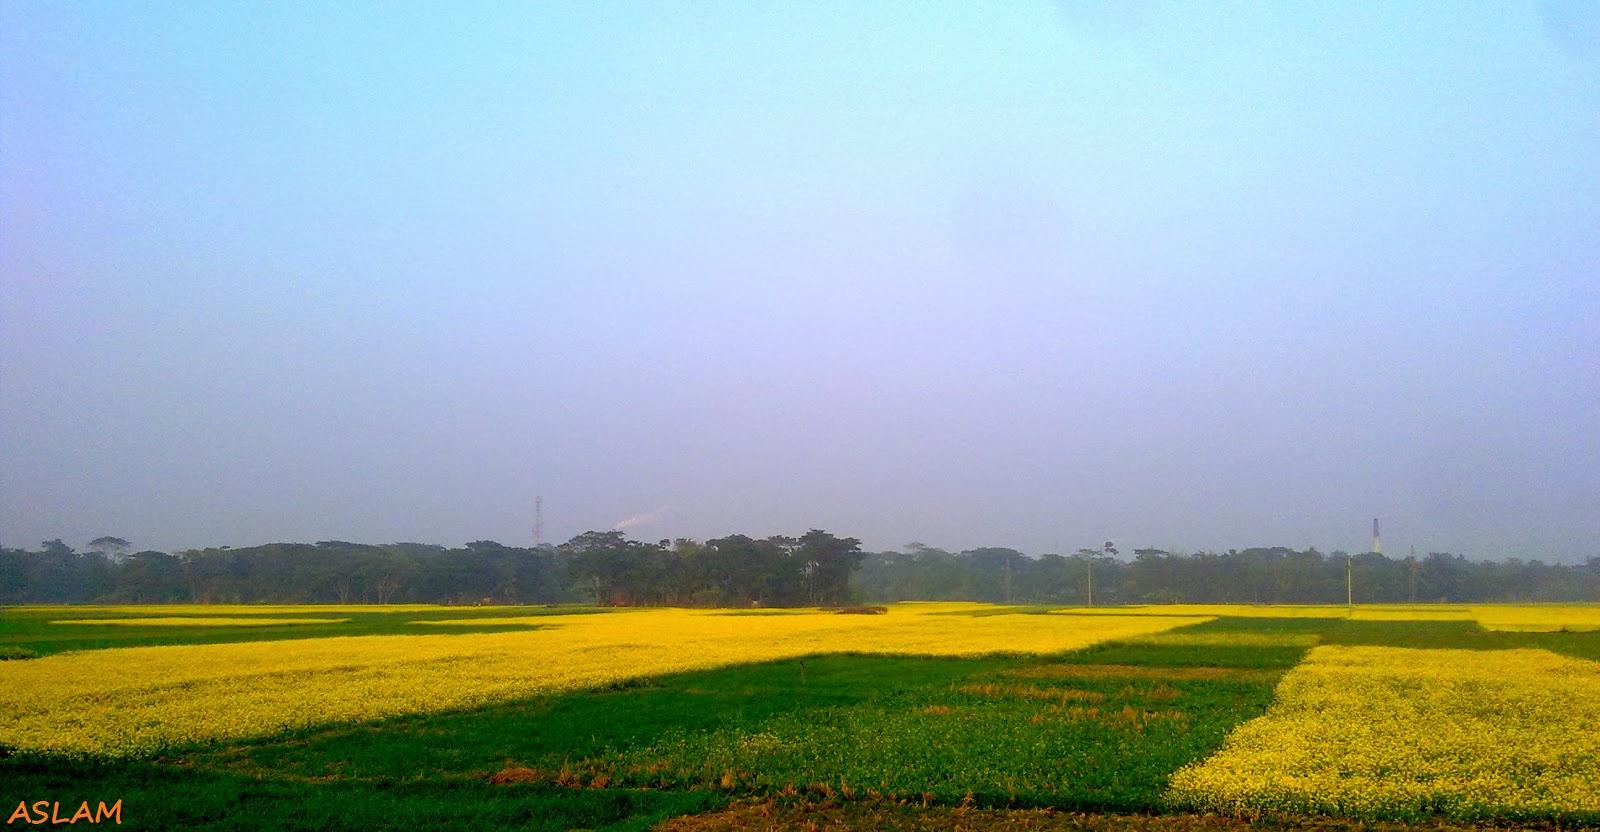 Beautiful yellow field